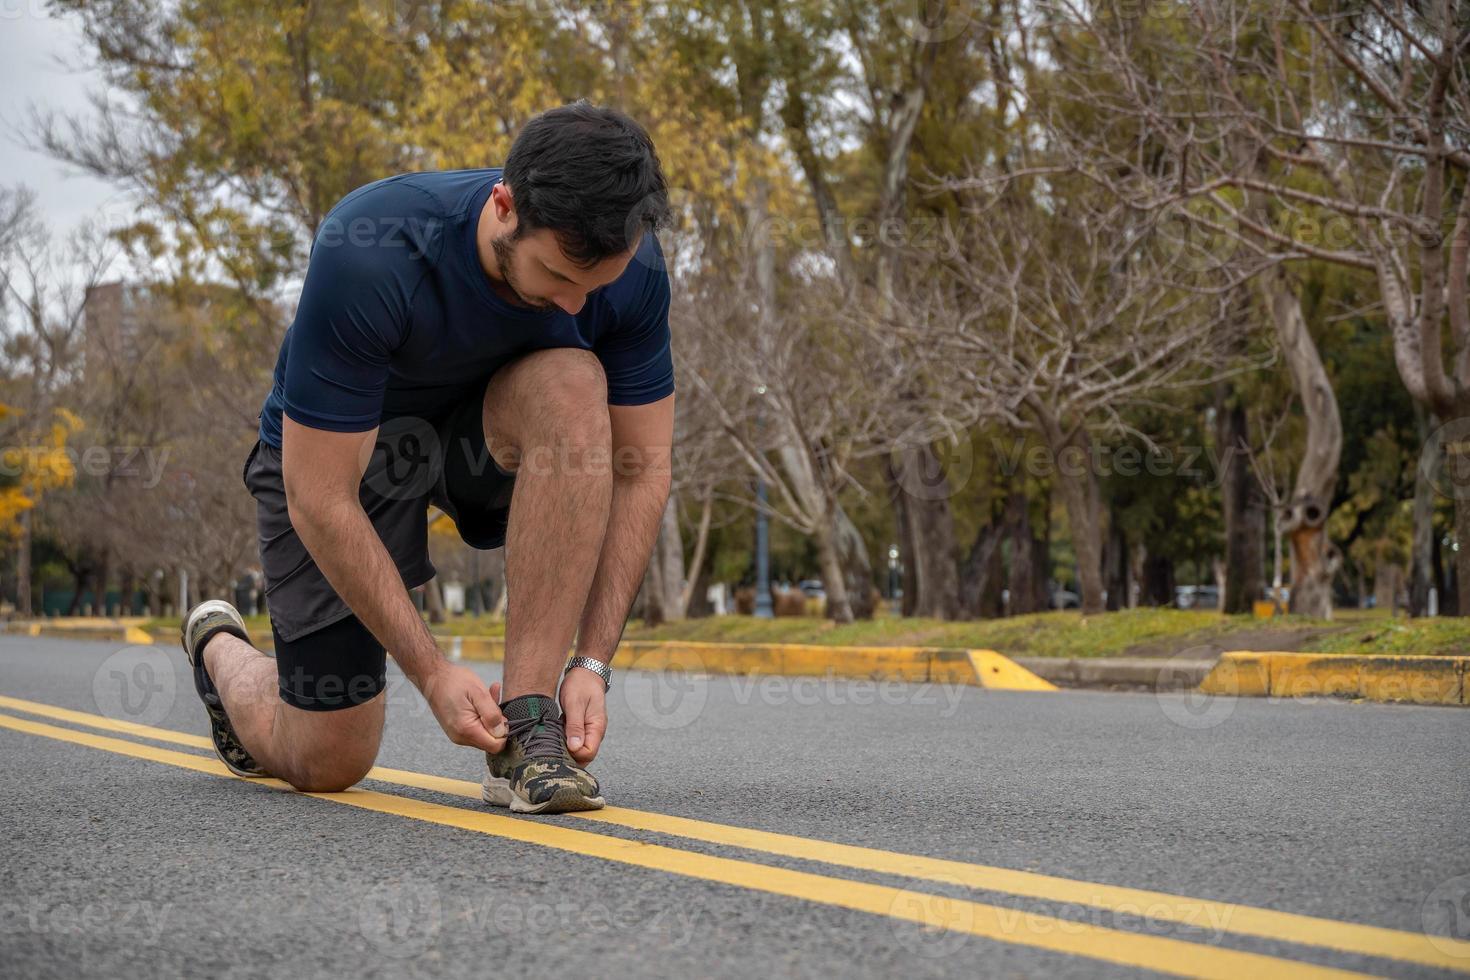 sportlicher Mann, der seine Schnürsenkel bindet, während er im Freien trainiert foto